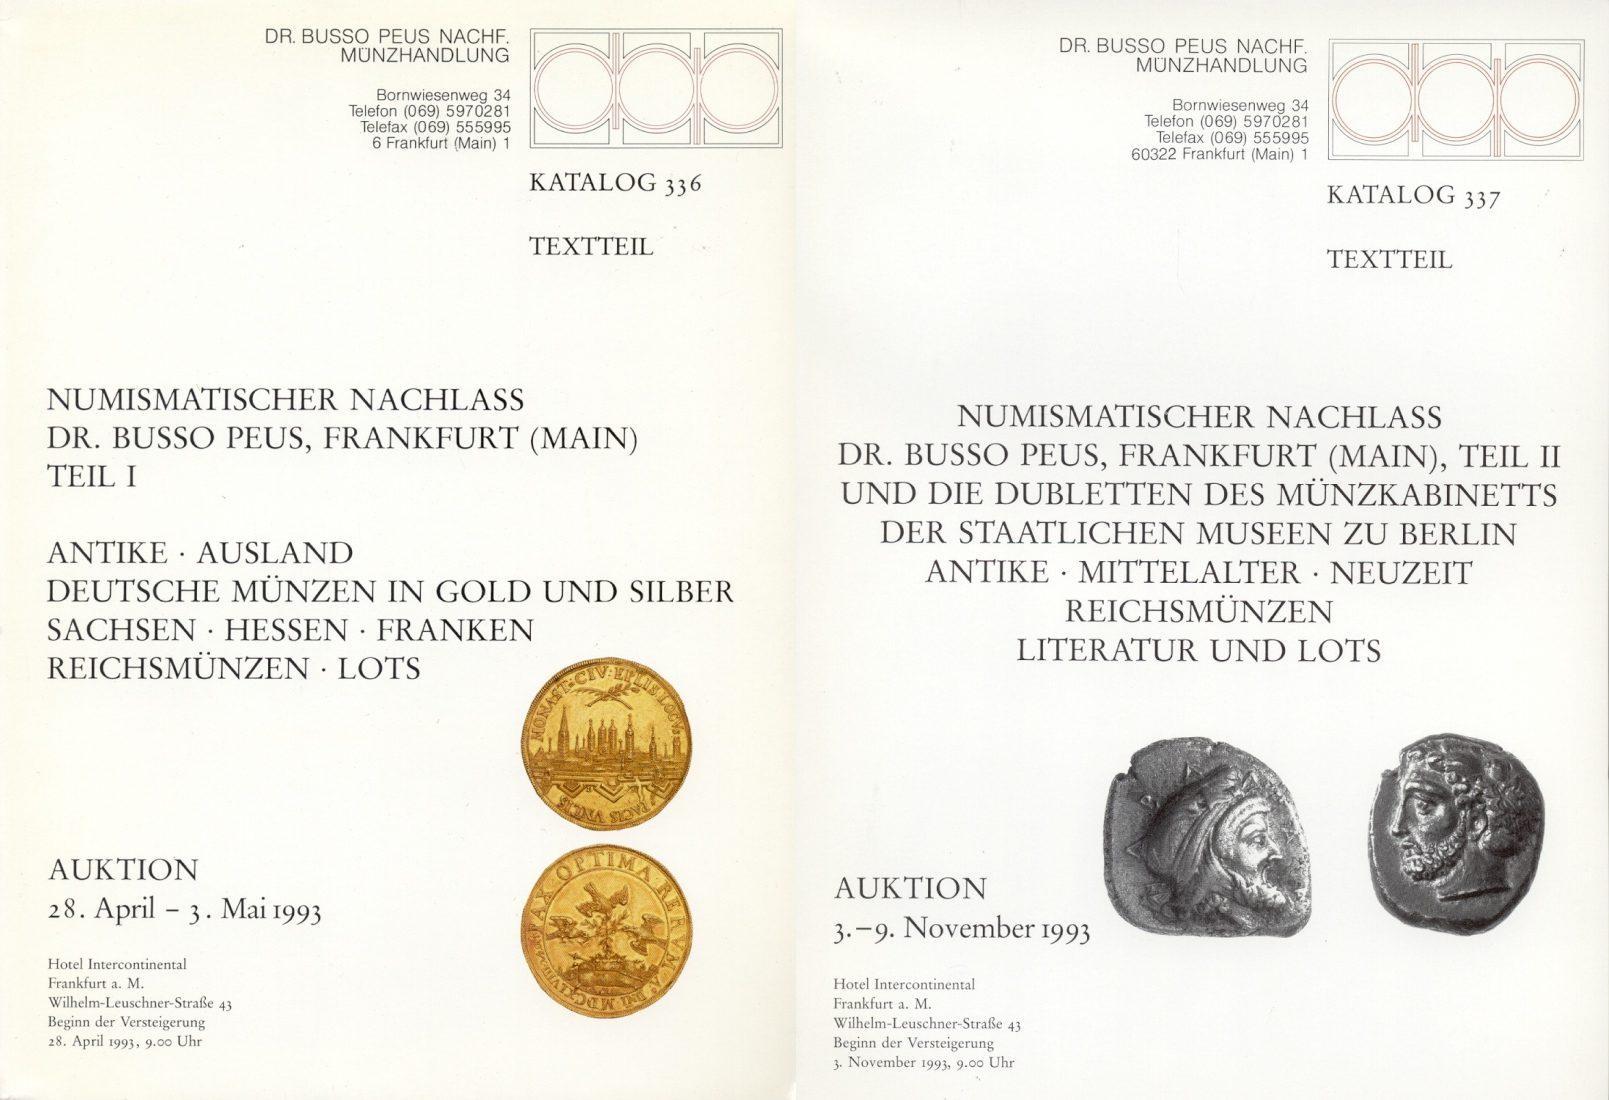 1993 AUCTION CATALOGUES - PEUS - AUKTIONSKATALOGE 336-337 - Numismatischer Nachlass Dr. Busso Peus I-II neuwertig